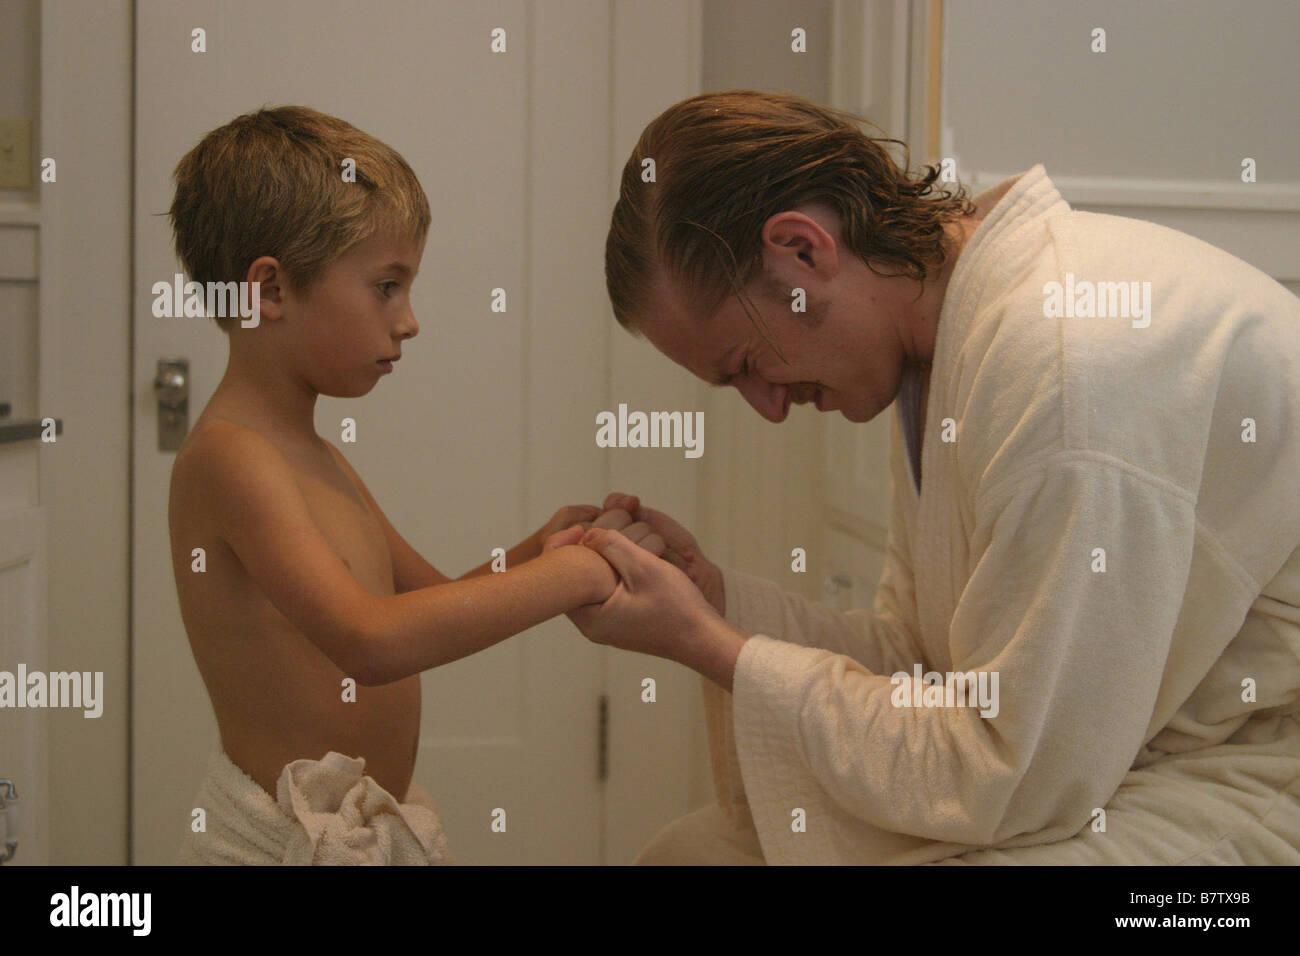 LE LIVRE DE JEREMIE Engañoso es el corazón más que todas las cosas 2004 - uk usa Jimmy Bennett, Jeremy Imagen De Stock